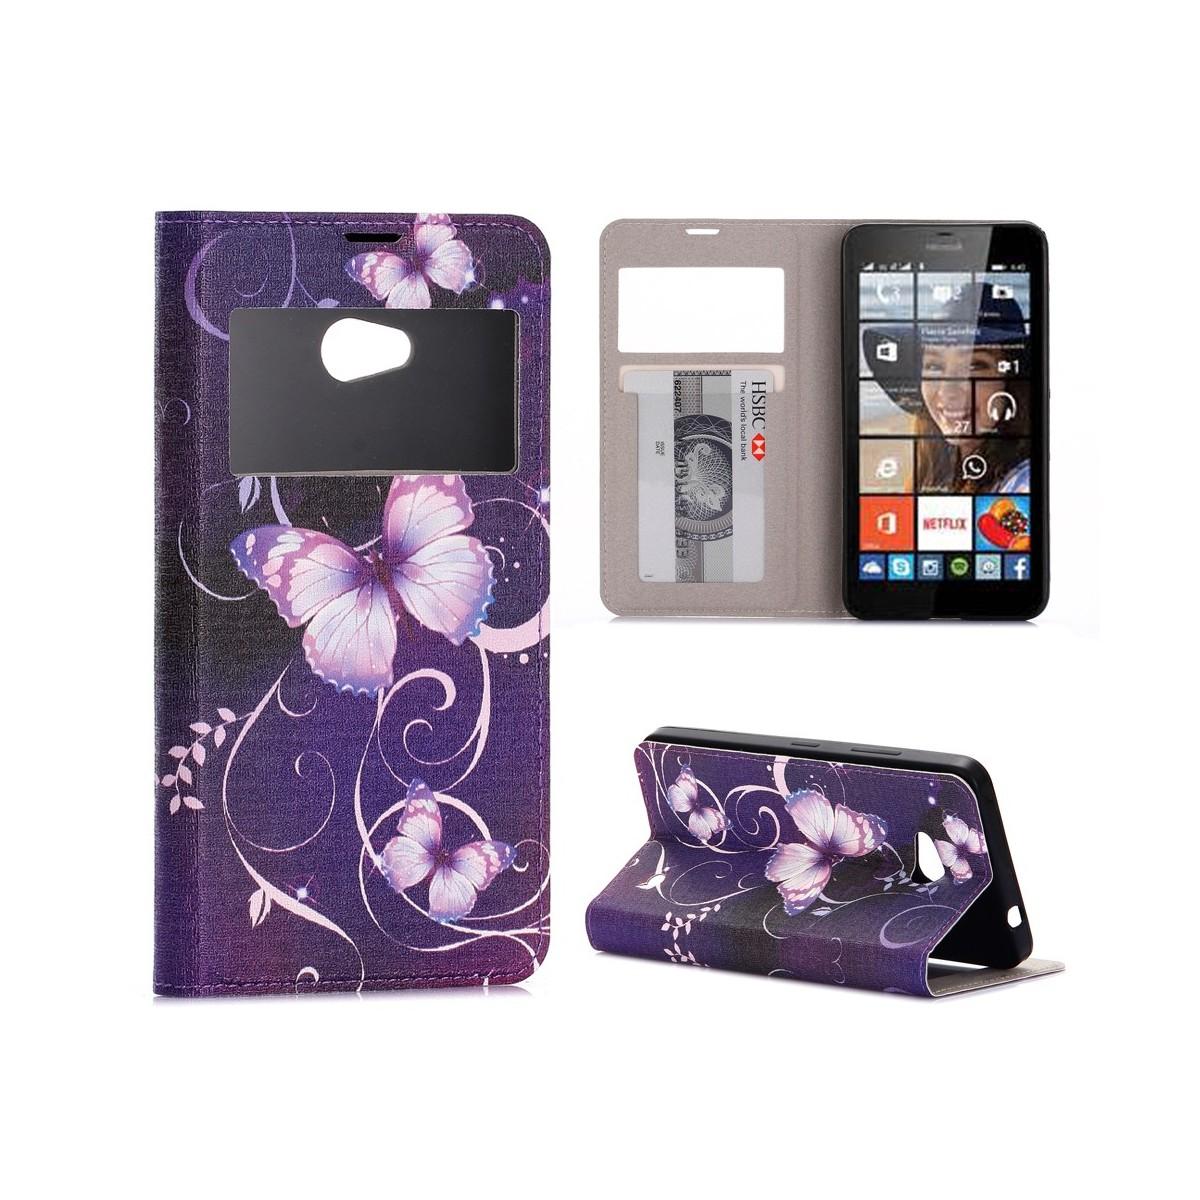 Etui Microsoft Lumia 640 avec fenêtre de visualisation motif Papillons Violets - Crazy Kase